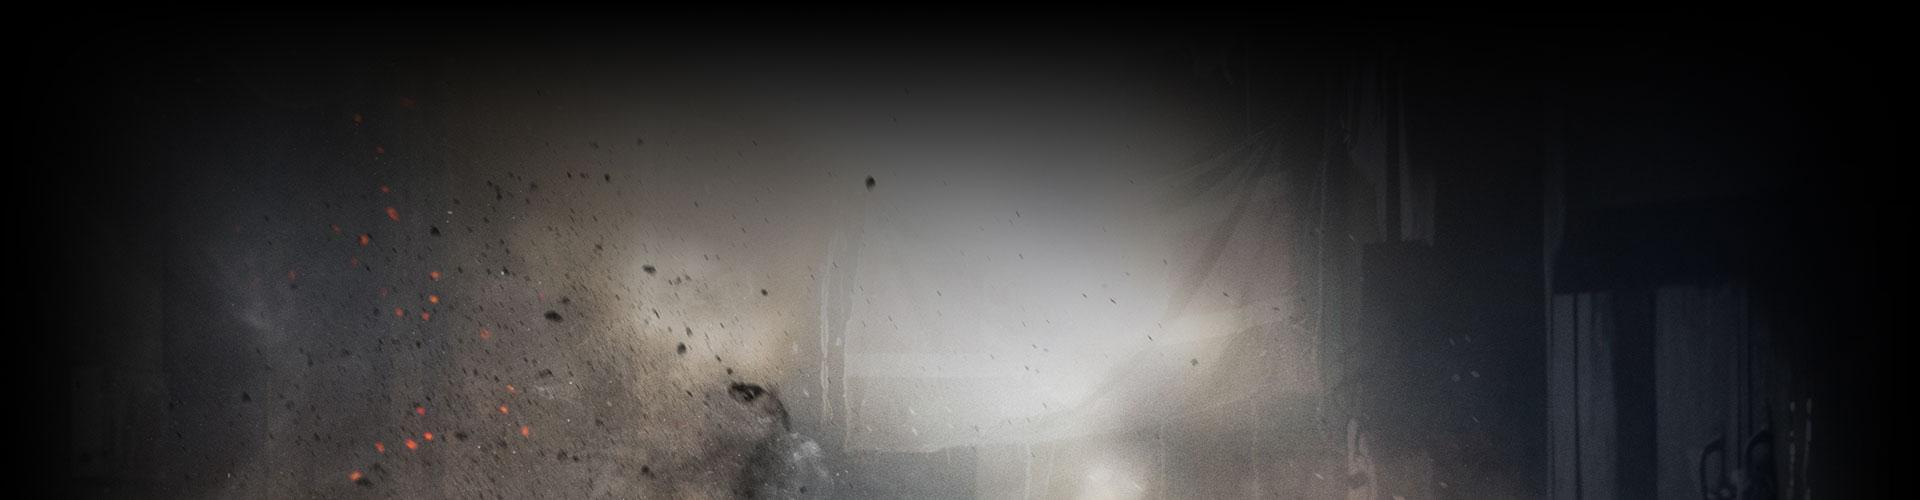 Débris d'une explosion près d'un bâtiment